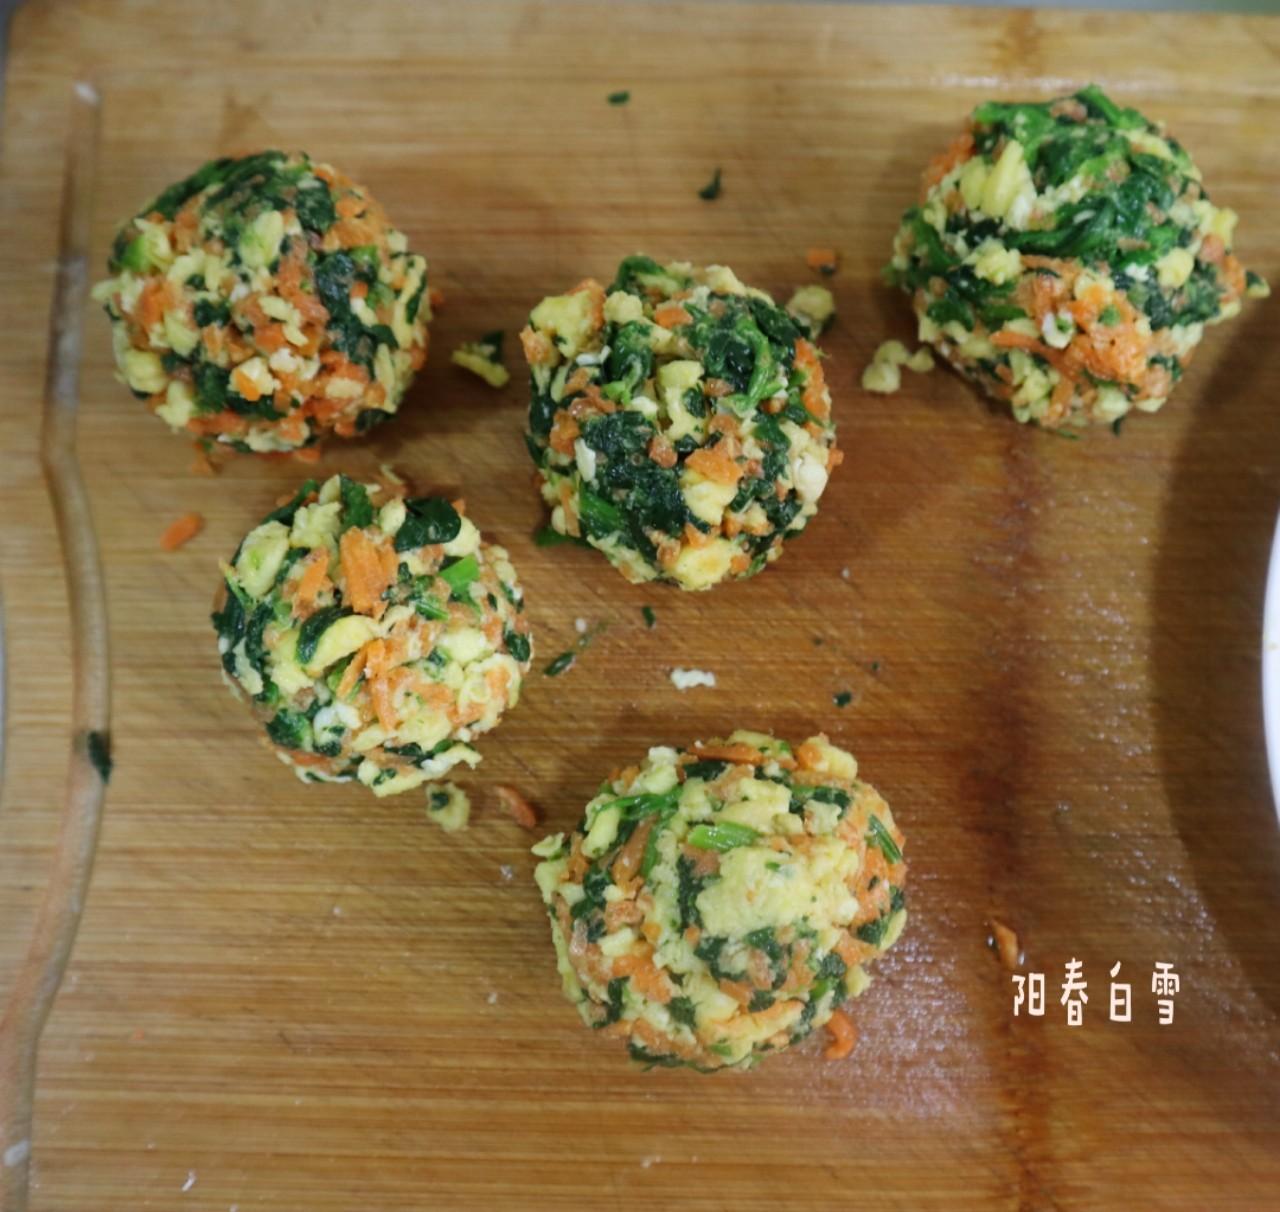 全麦面菜团子❗️低脂饱腹减肥主食代餐的家常做法